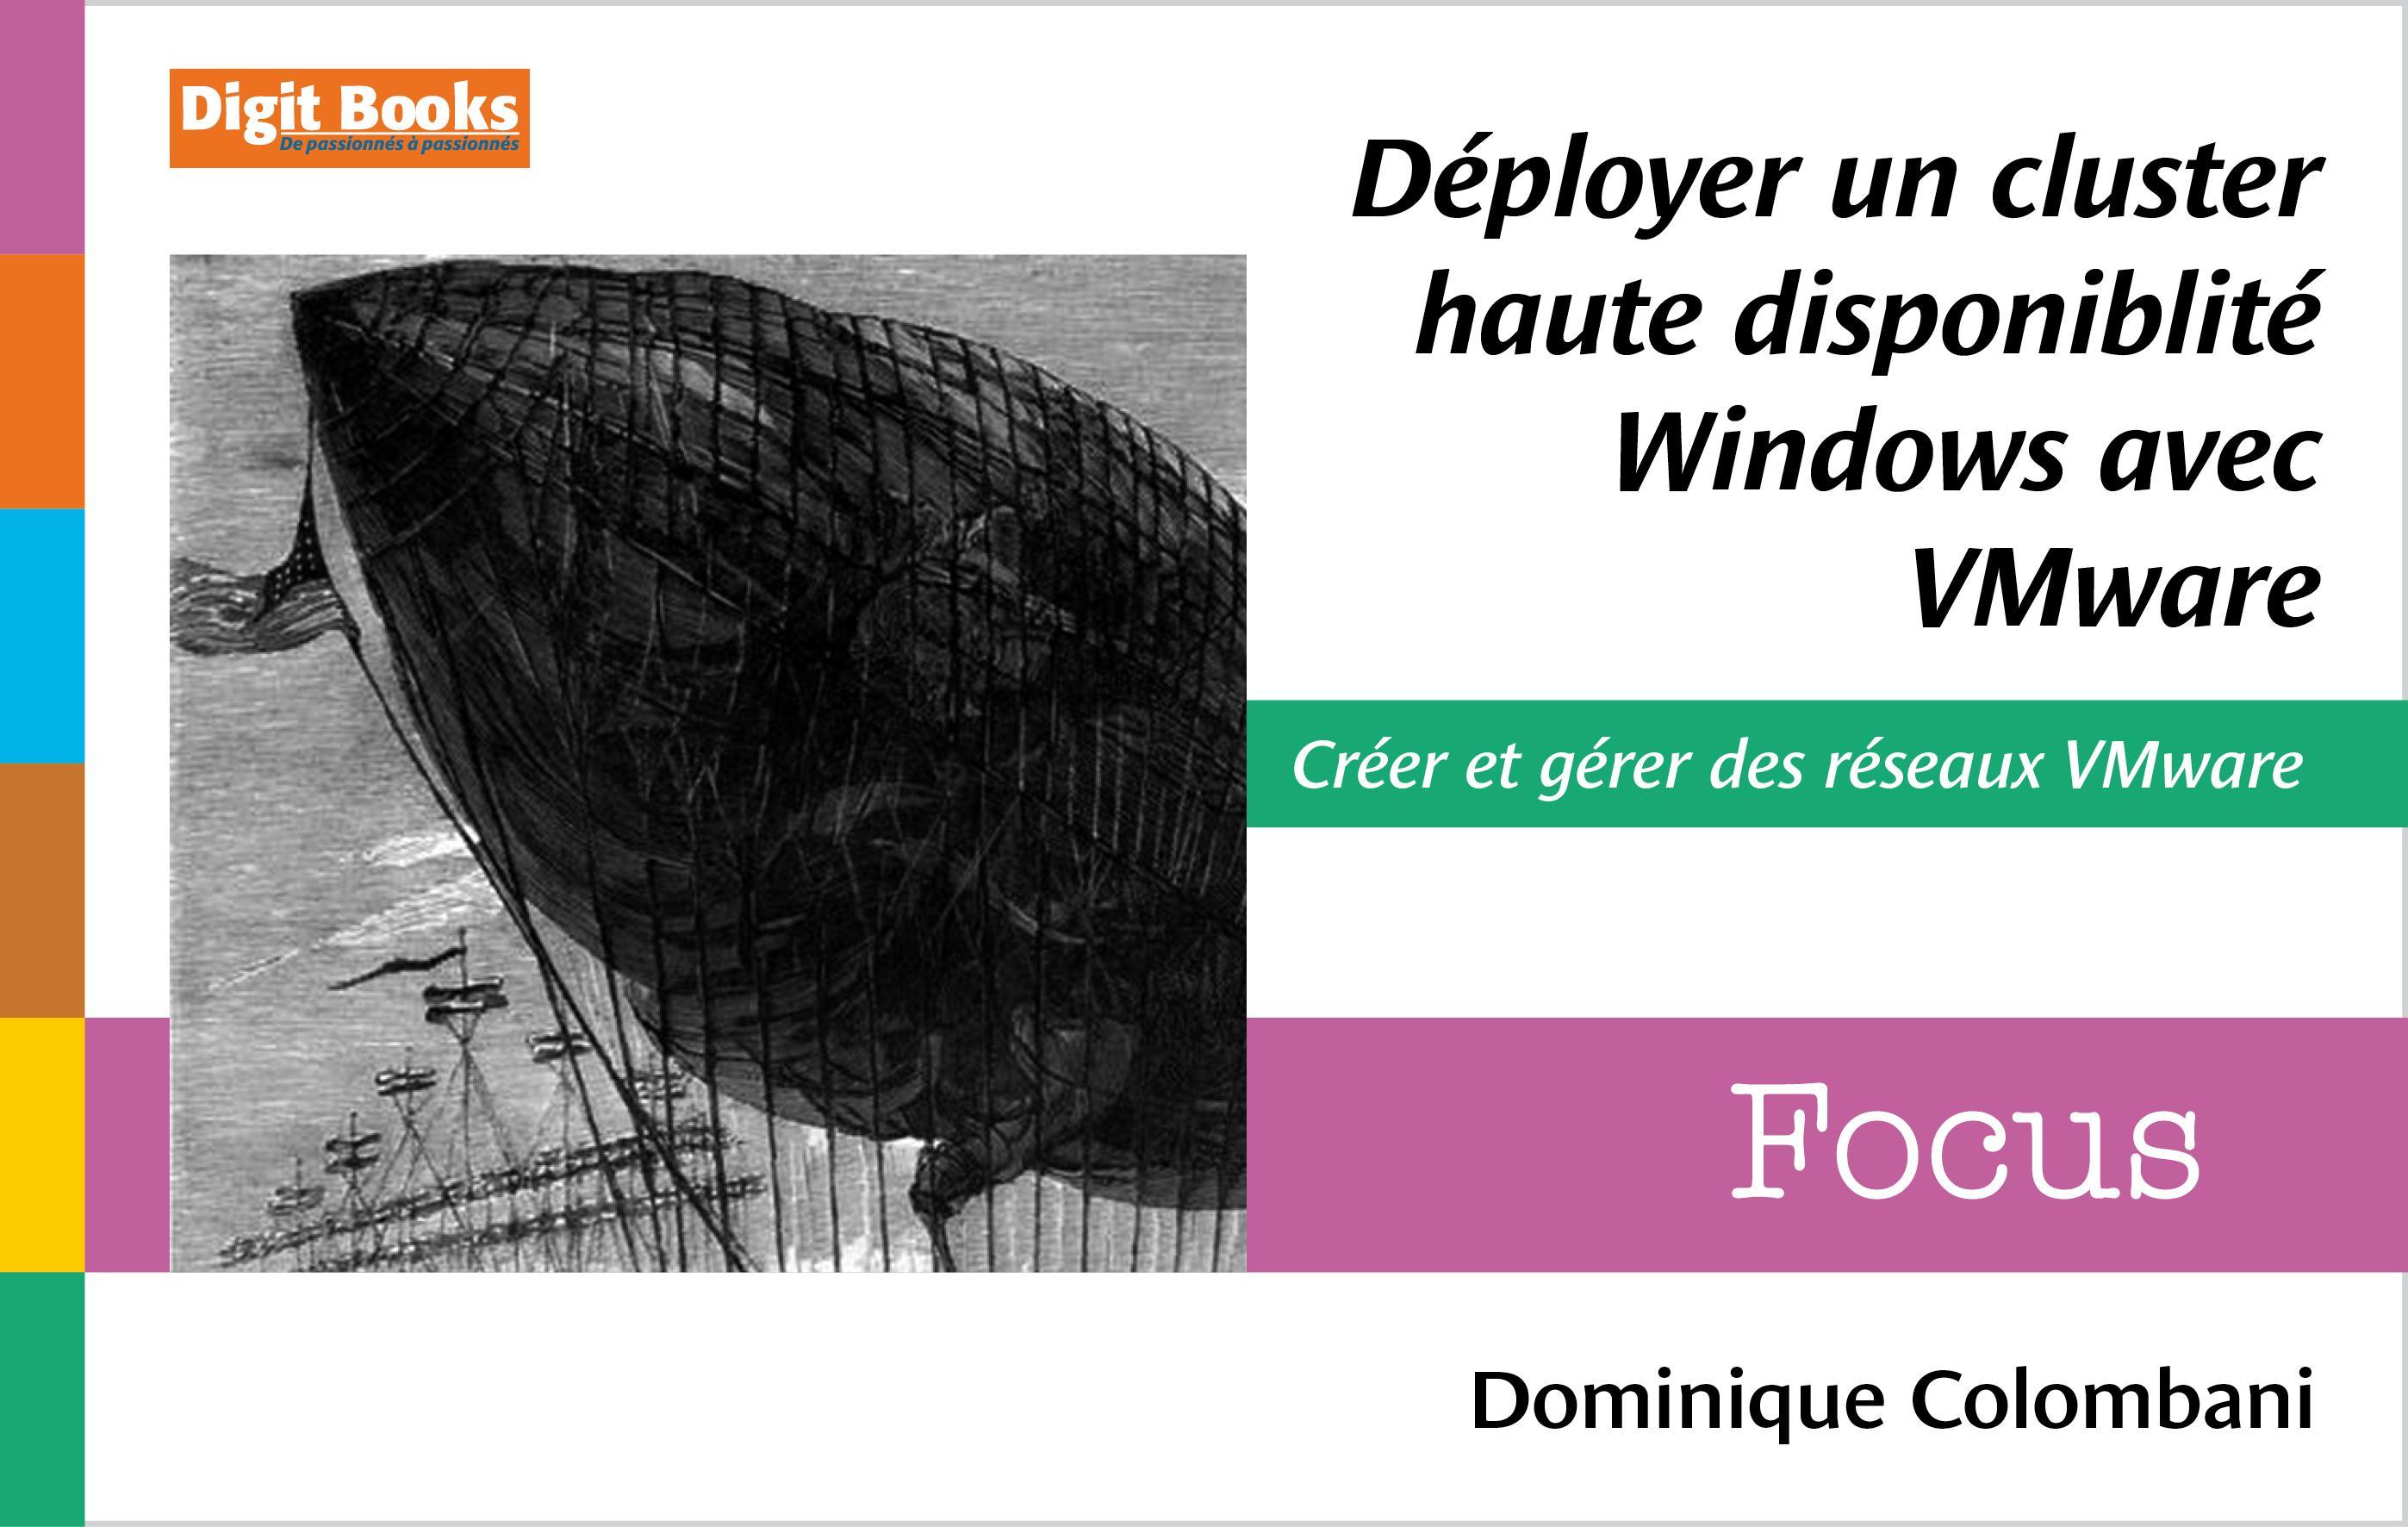 Déployer un cluster haute disponibilité Windows avec VMware